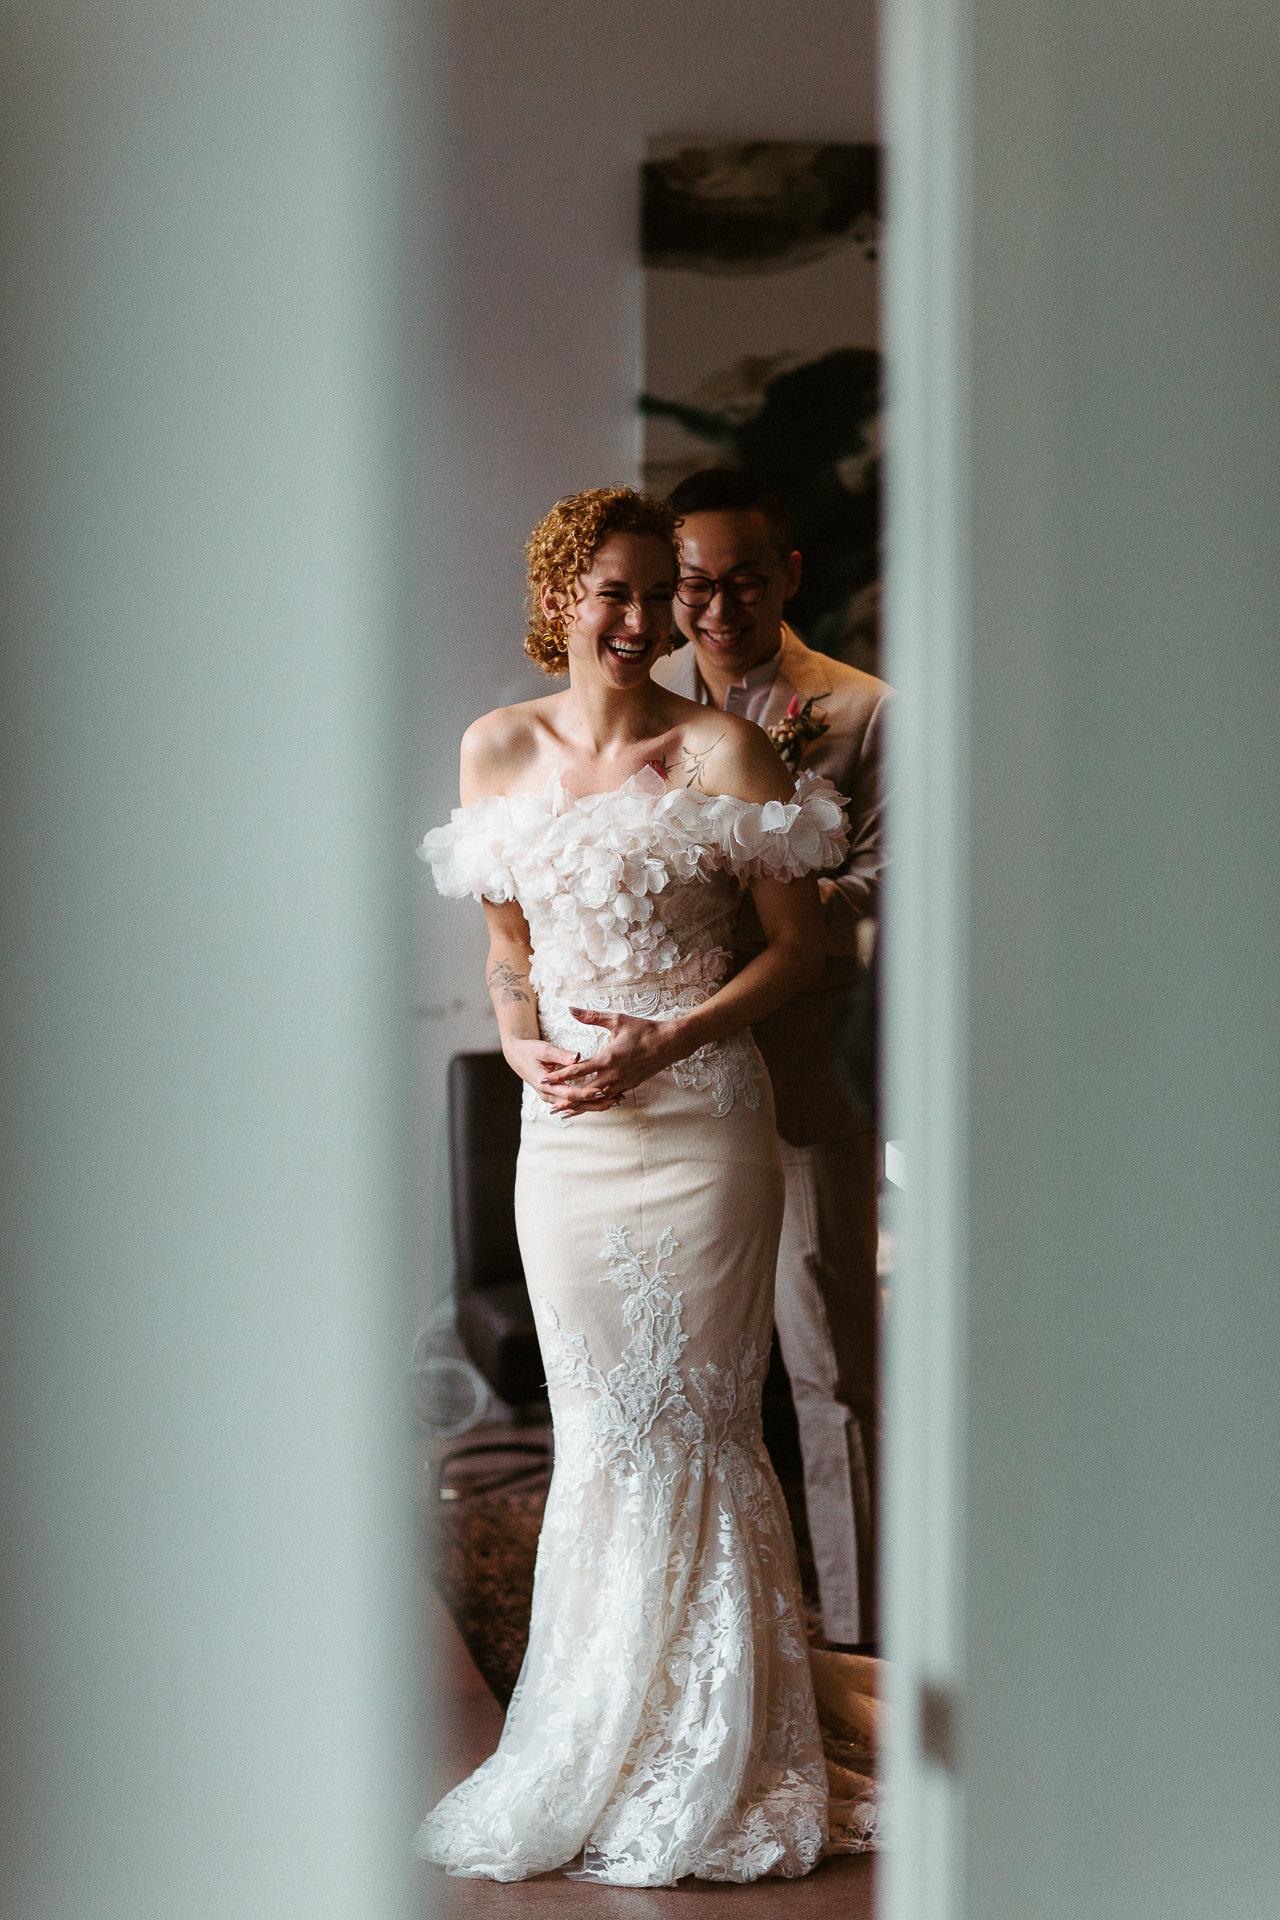 LA photo de couple de mariage | le marié aide la mariée avec sa robe avant la cérémonie